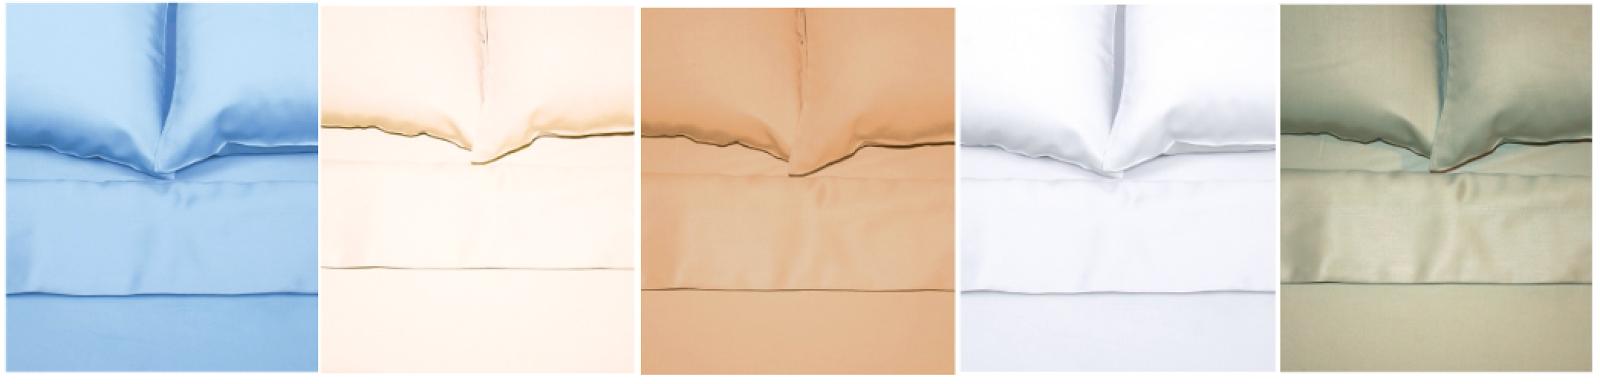 Cariloha Bamboo Sheets Review Bedroom Sheet sets, Bed